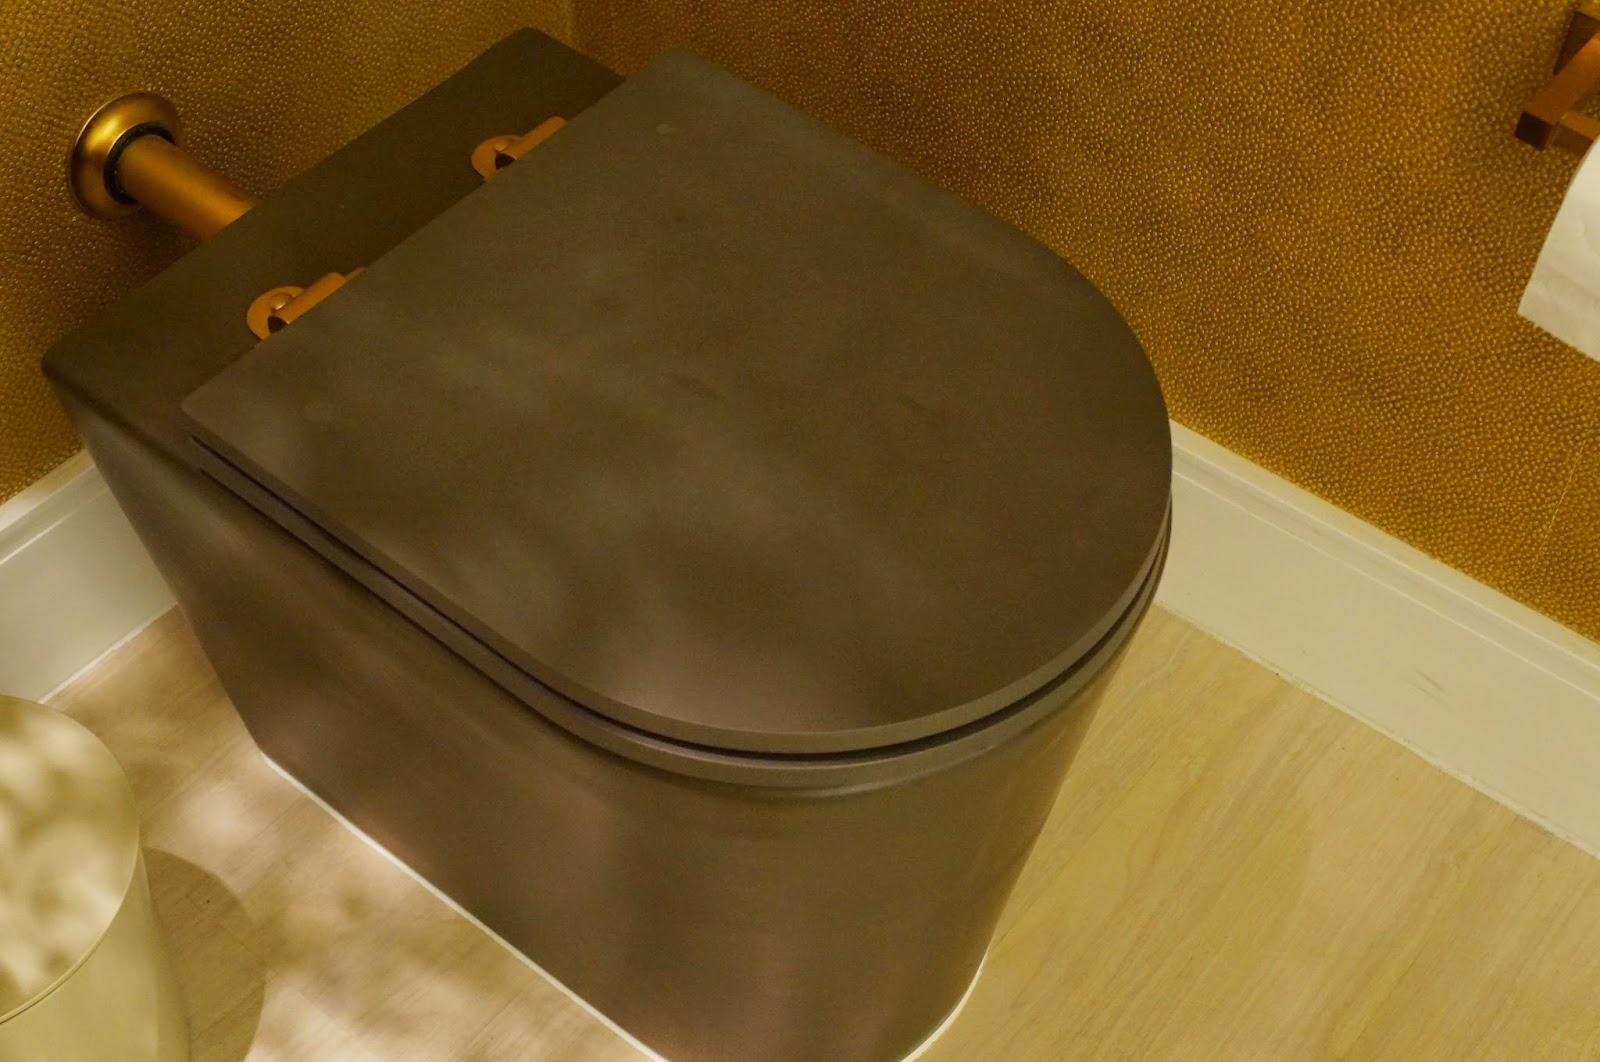 Ambiente Lavabo do Morador e Hall Íntimo projeto Marcia Debski  #B79414 1600x1062 Acessorios Banheiro Dourado